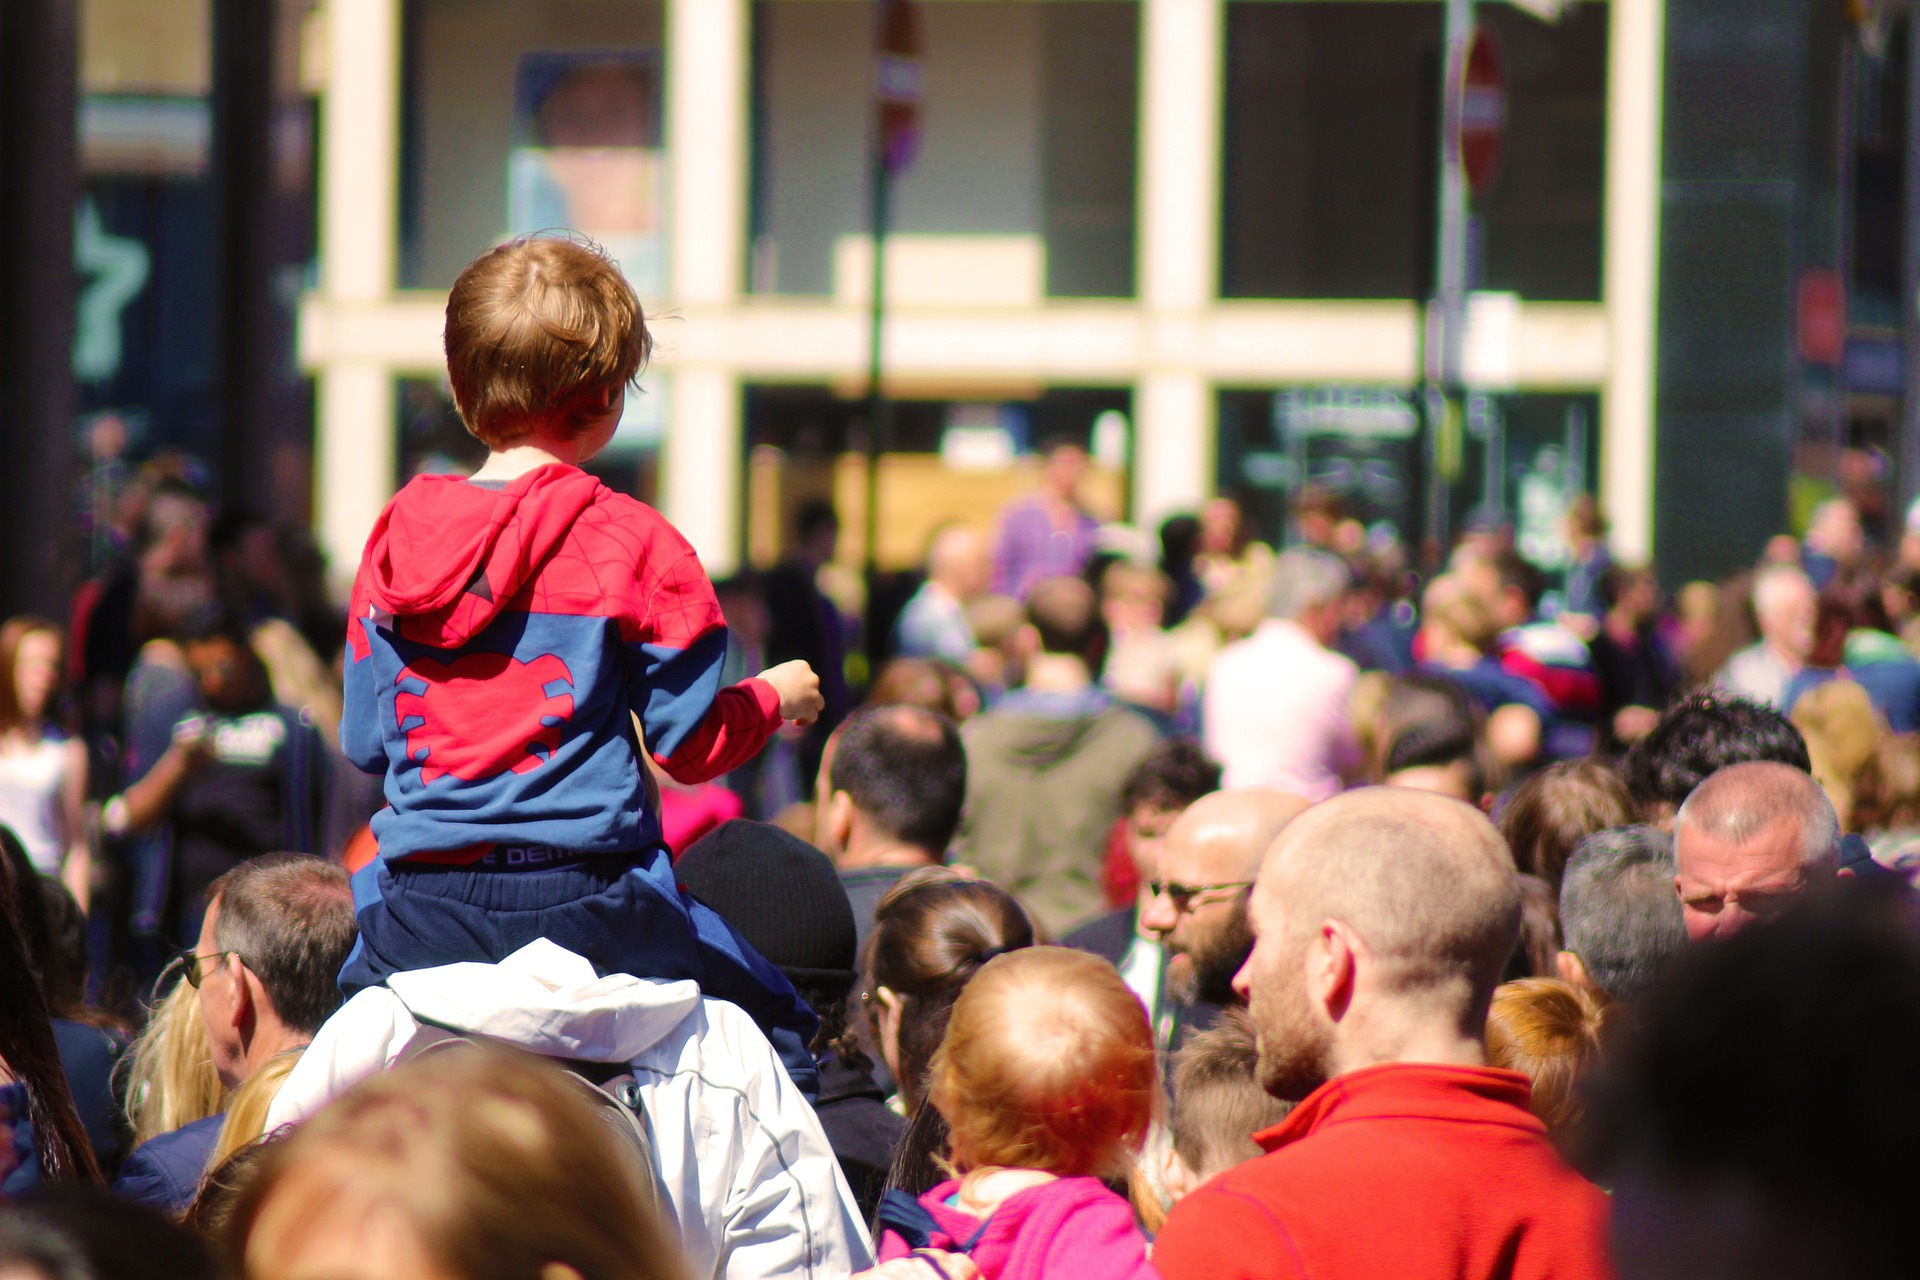 Eine Menschenmenge: Viele Menschen, junge und ältere, sind von hinten zu sehen.